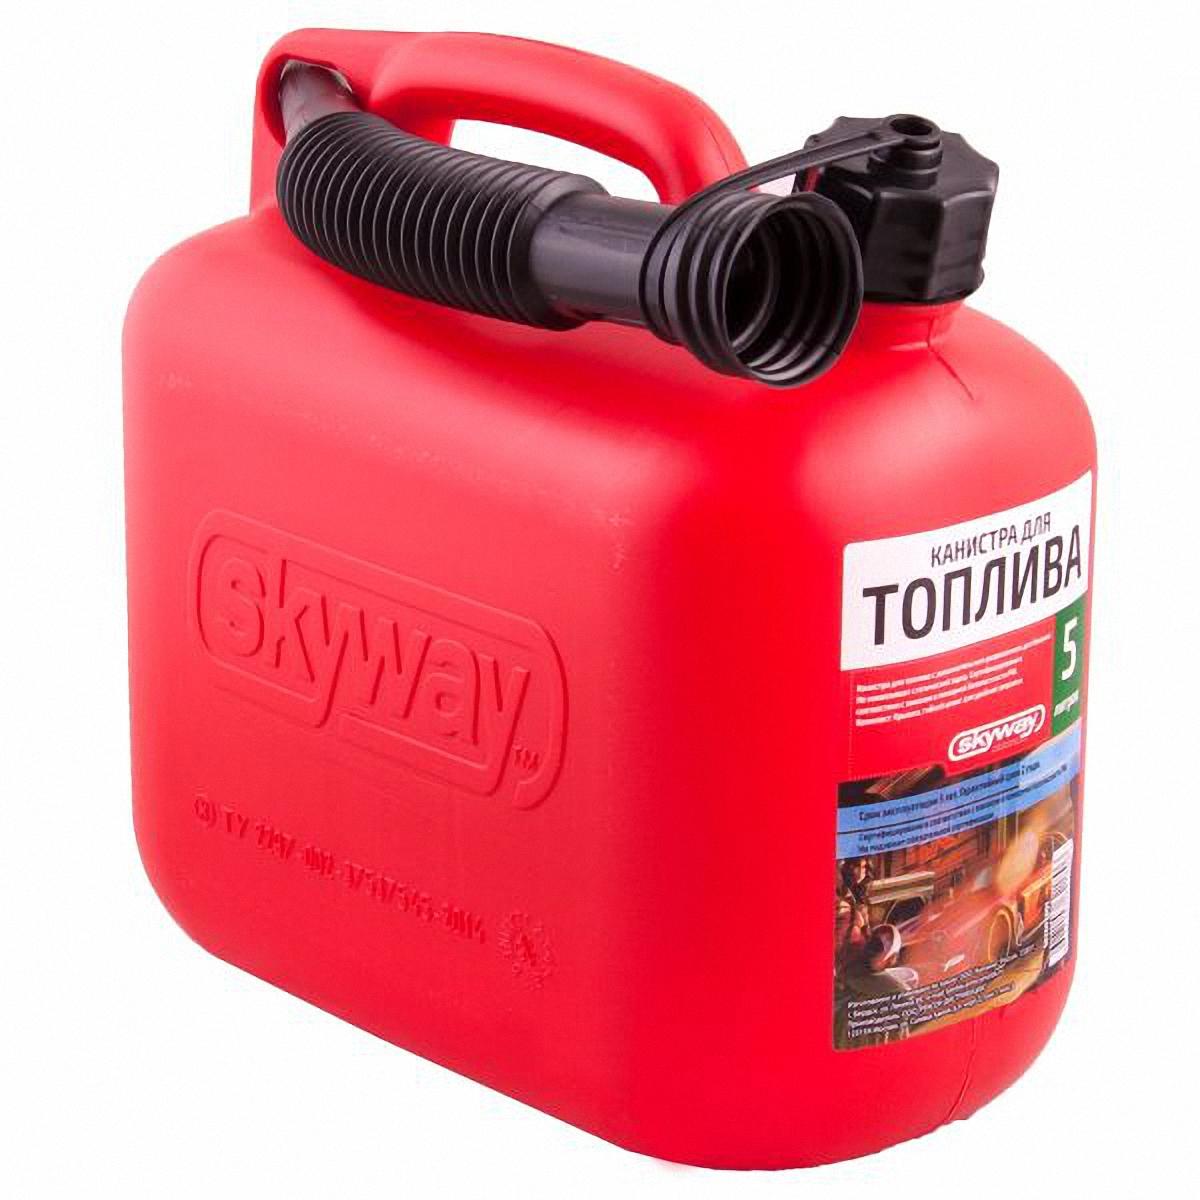 Канистра Skyway, 5 л. S02602001S02602001Канистра Skyway - канистра для топлива с дополнительным разрешением для бензина. Не накапливает статический заряд. Сертифицирована в соответствии с законом о пожарной безопасности РФ. Предназначена для хранения и транспортировки различных жидкостей, в том числе бензина. Проверено, является безопасным для ГСМ. Особенности: Пластиковая крышка с уплотнительным кольцом от протекания жидкости. Удобный носик для наливания жидкости прикручивается к канистре. Удобное хранение шланга. Изготовлена из 100% бензостойкого пластика без применения вторичного сырья (UN-стандарт). Имеет увеличенную толщину стенки, благодаря чему не деформируется. 100% герметична. Устойчива к механическим воздействиям и температурам. В комплекте: крышка, гибкий шланг для удобной заправки. Материал: HDPE (High-density polyethylene - сверхвысокомолекулярный полиэтилен высокой плотности, обладает высокой прочностью и ударной вязкостью в большом диапазоне температур (от - 200 С° до + 100 С°), низким коэффициентом трения, химо- и износостойкостью). Емкость: 5 л.